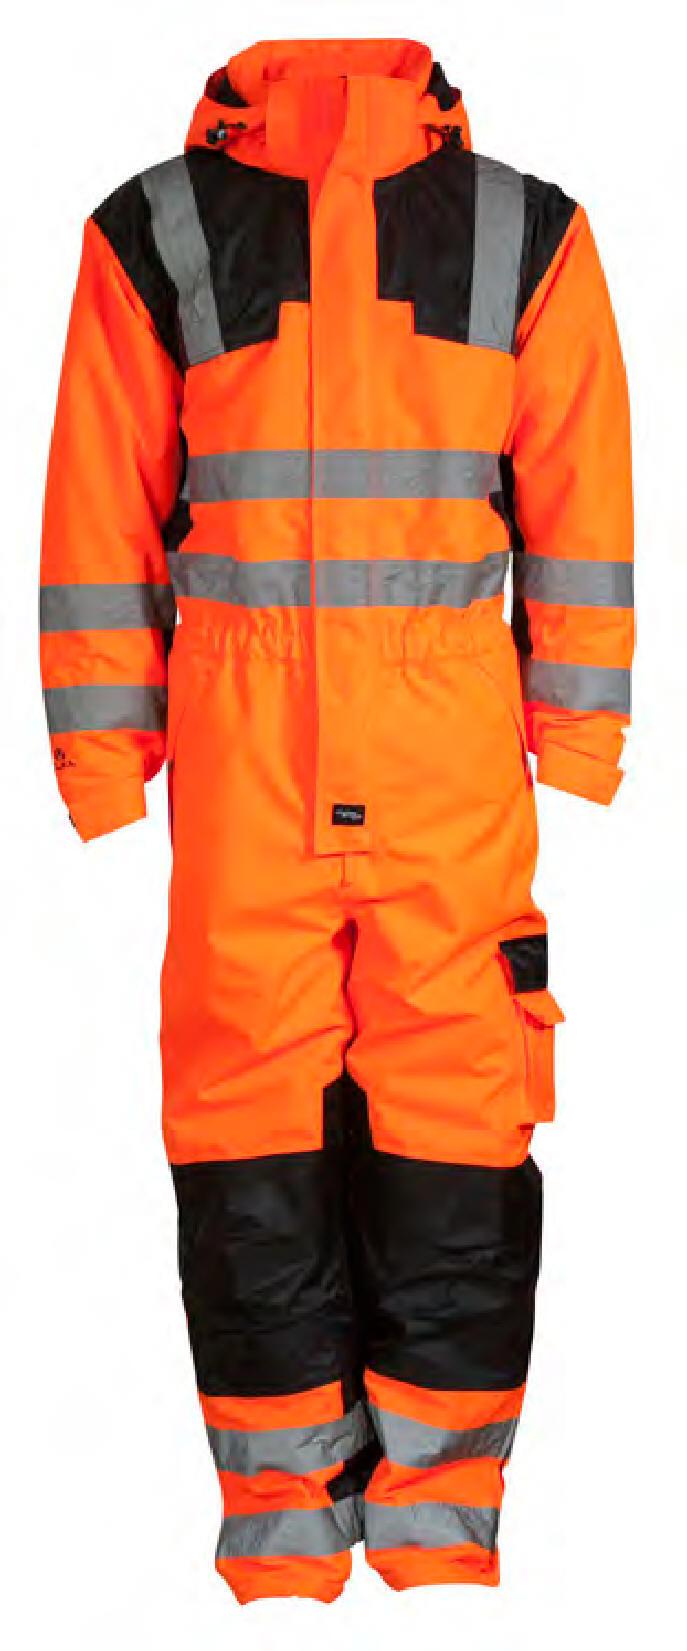 28d46fa2 Elka Visible Xtreme coverall. Vinter heldragt med termofoer, EN ISO20471  certificeret.